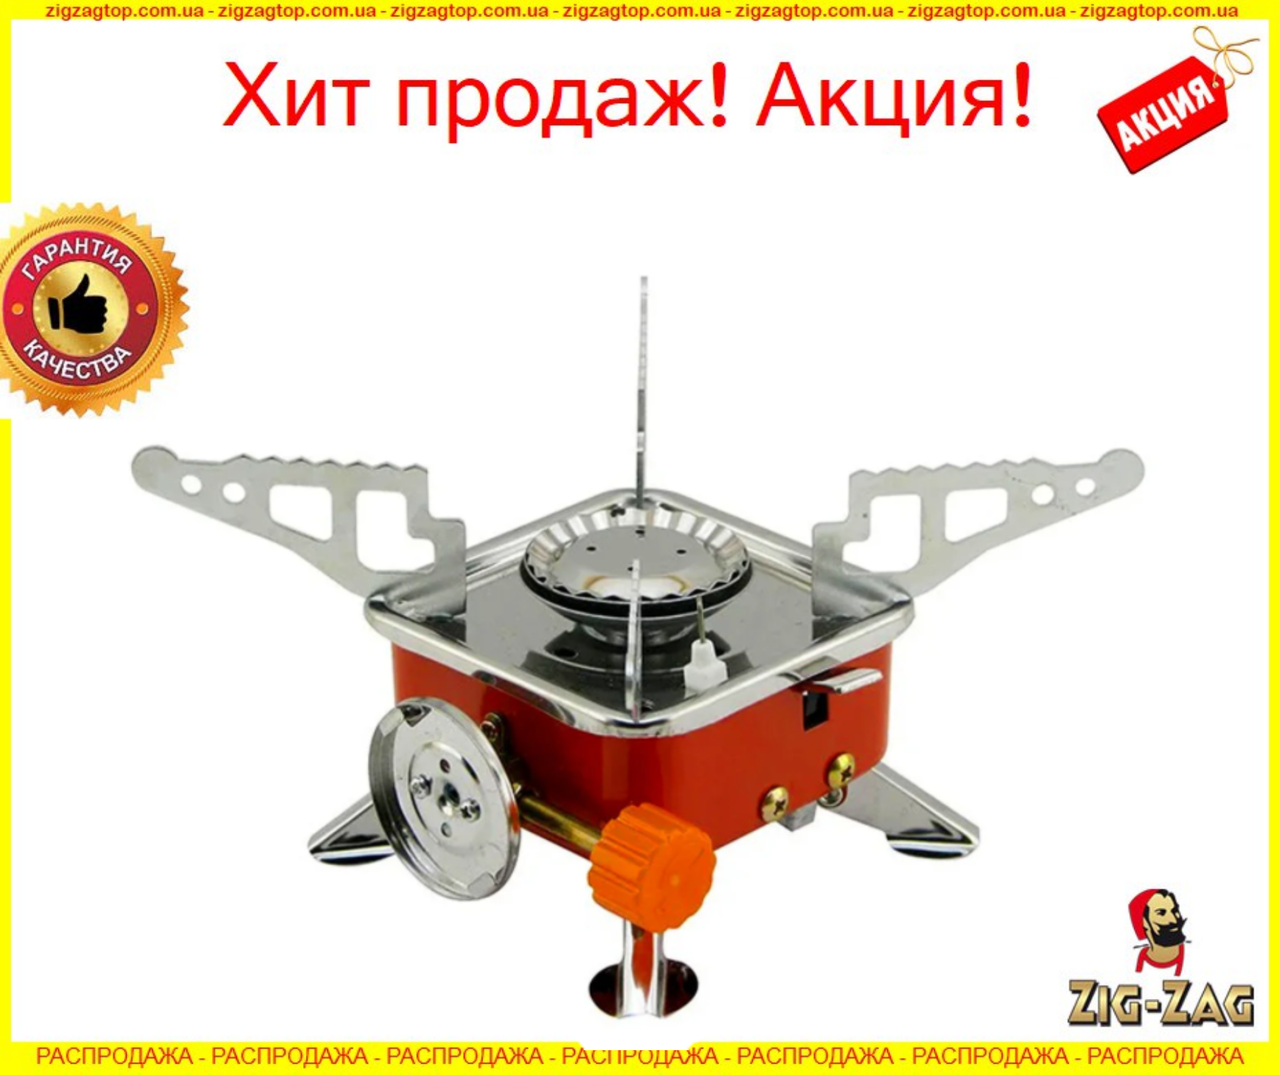 Газовый примус плита туристическая Kovar K-202 Плита с пьезоподжигом, Плита на природу Мощность 2800Вт.